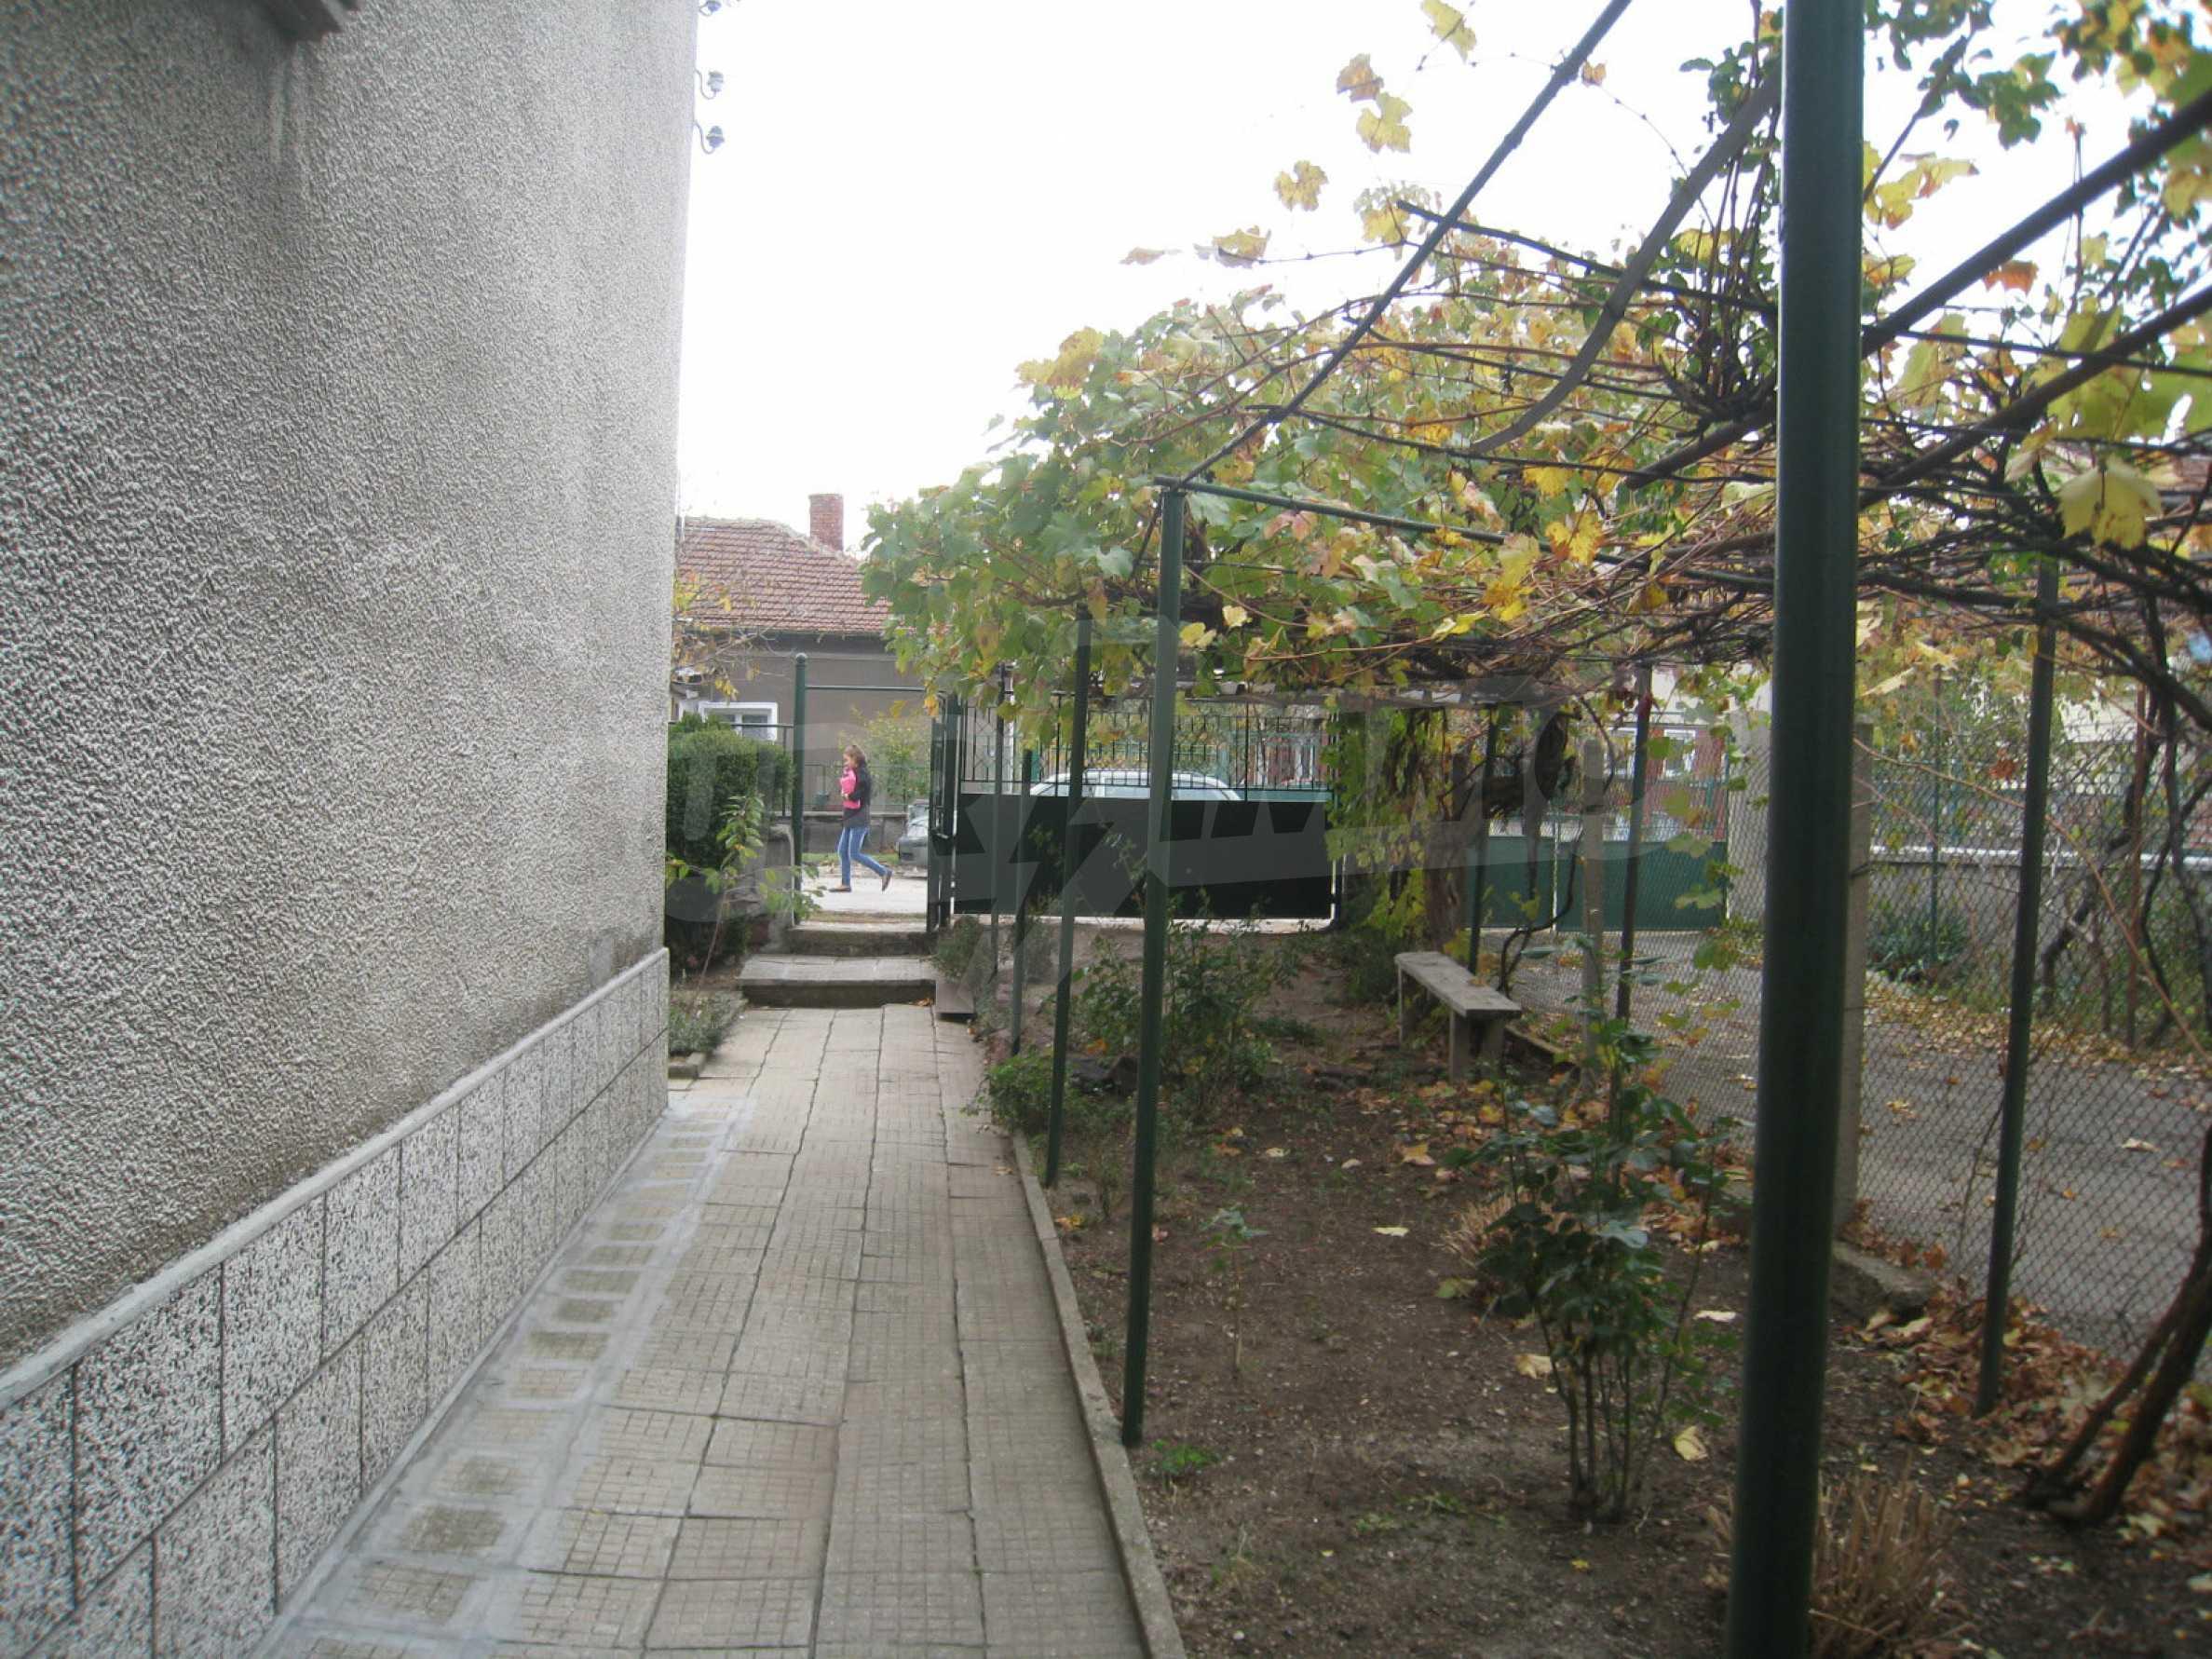 Großes zweistöckiges Haus mit Hof in einem Dorf in der Nähe von Sofia 63